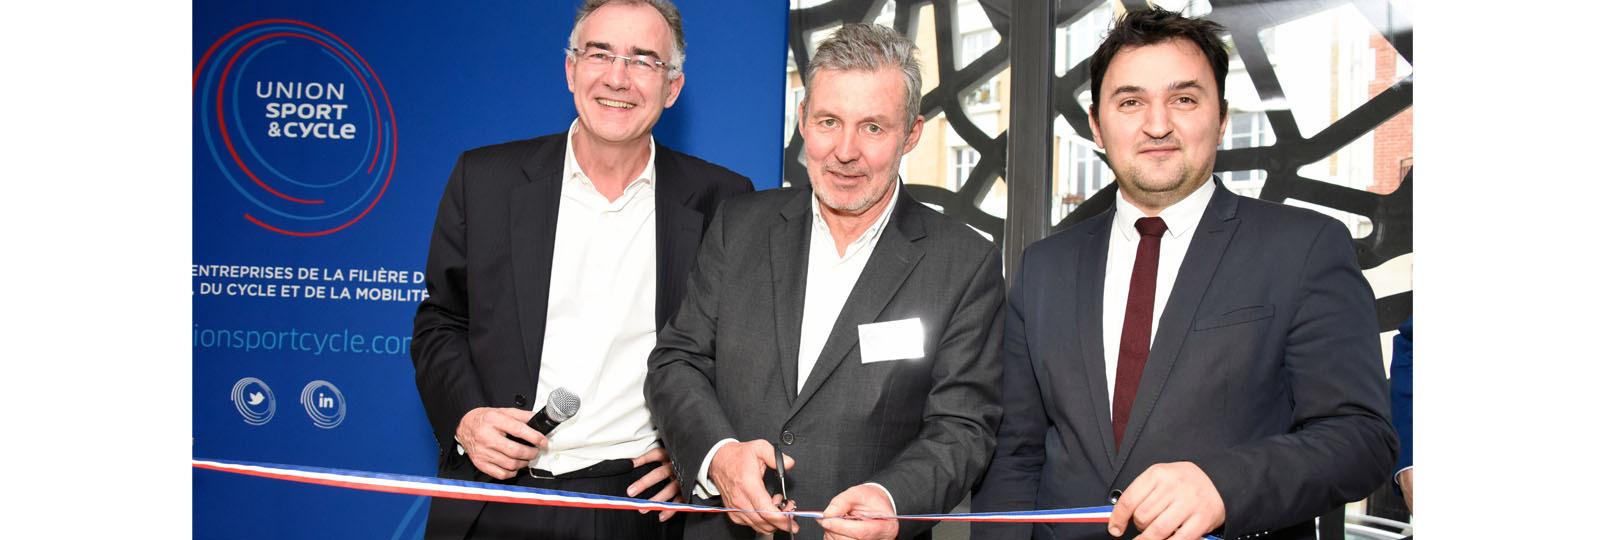 Jérôme Valentin, Pierre Gogin, Jean-François Martins